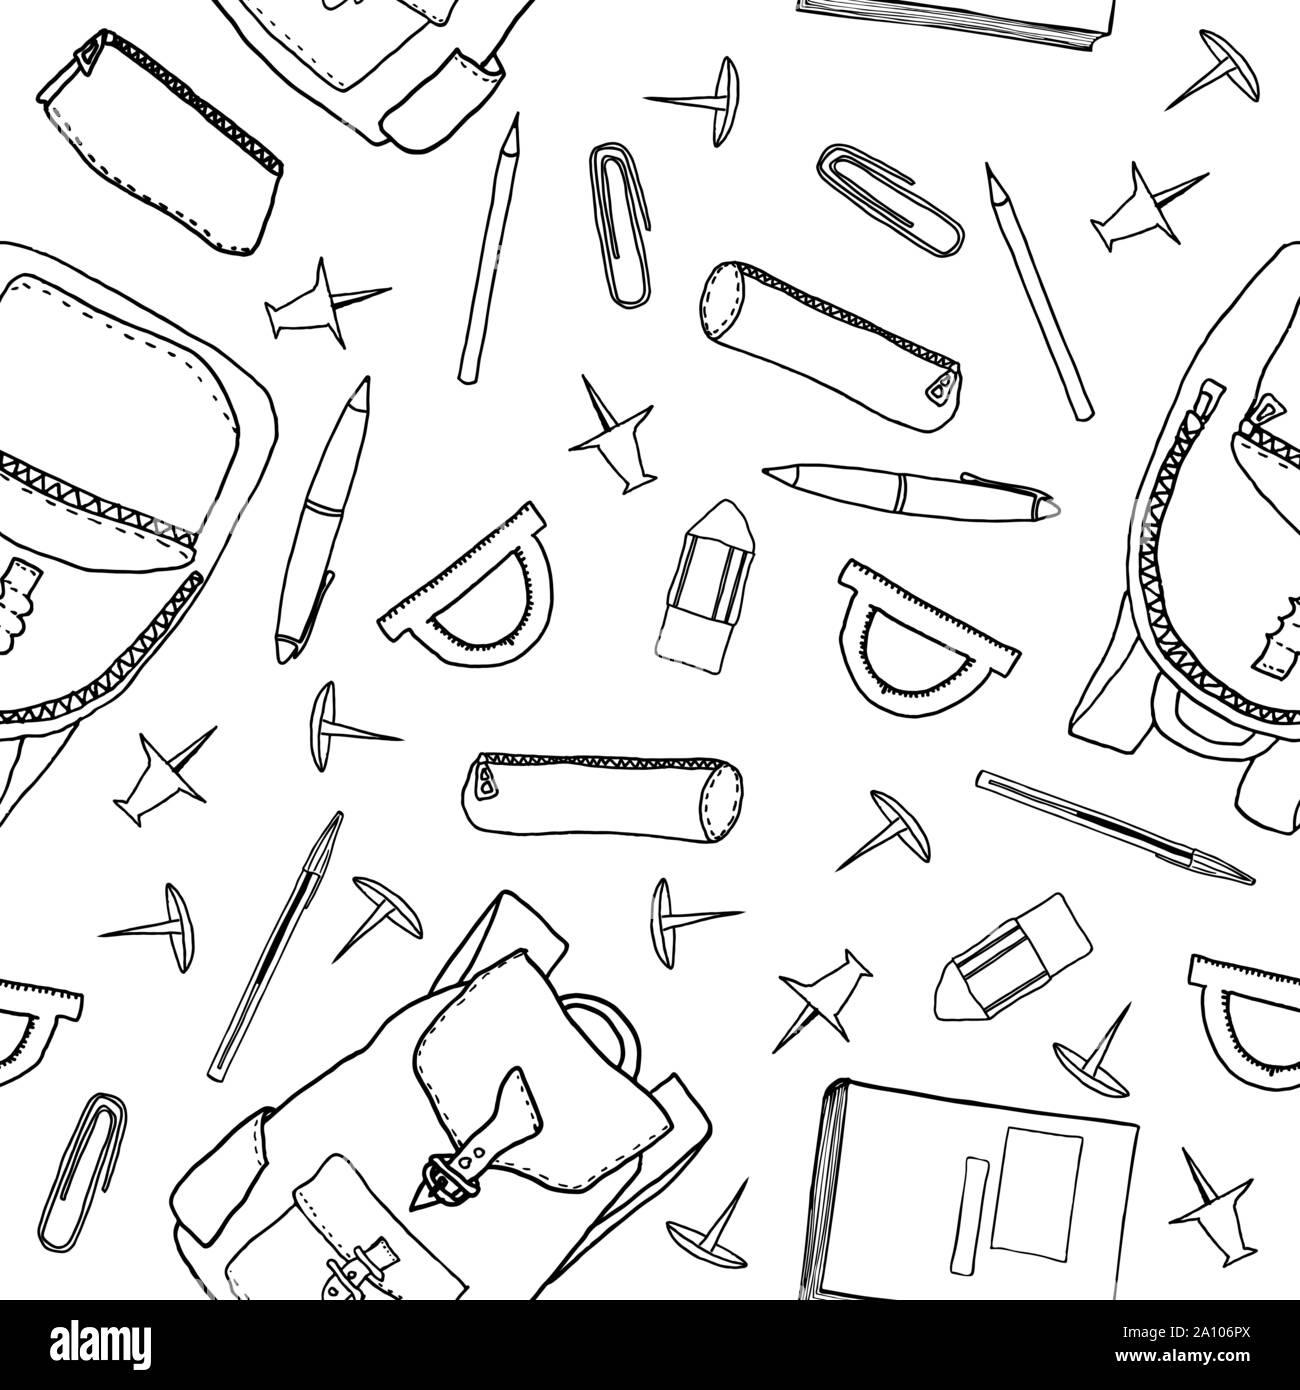 Hand drawn seamless pattern de papeterie scolaire. Vector illustration avec contours d'articles de papeterie pour le papier d'emballage, de fonds d'écran, etc. Illustration de Vecteur